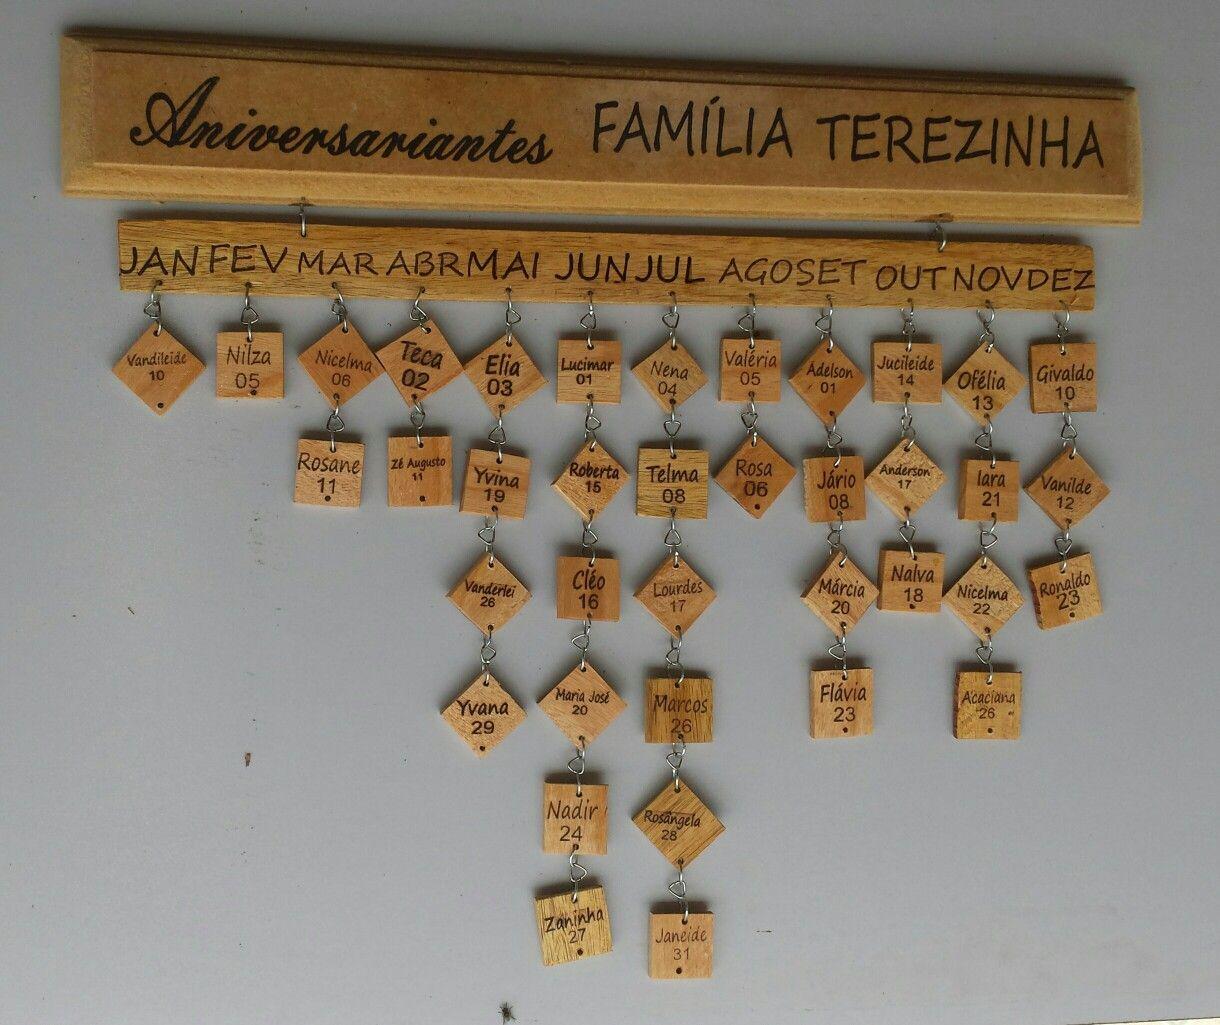 Calendário aniversariantes. Este está esposto na Escola Municipal Terezinha da Silva Araújo. Aquidabã / Sergipe Brasil